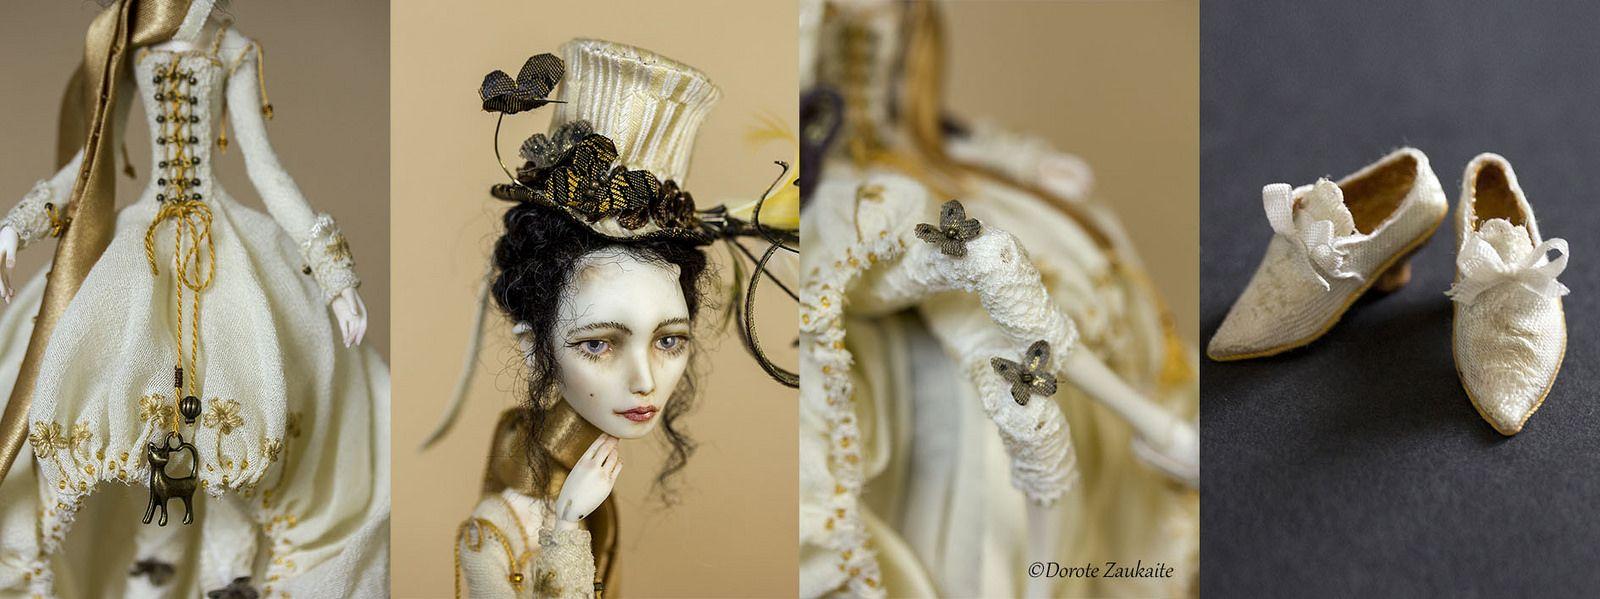 Brenda's personal Demon | by Tireless Artist